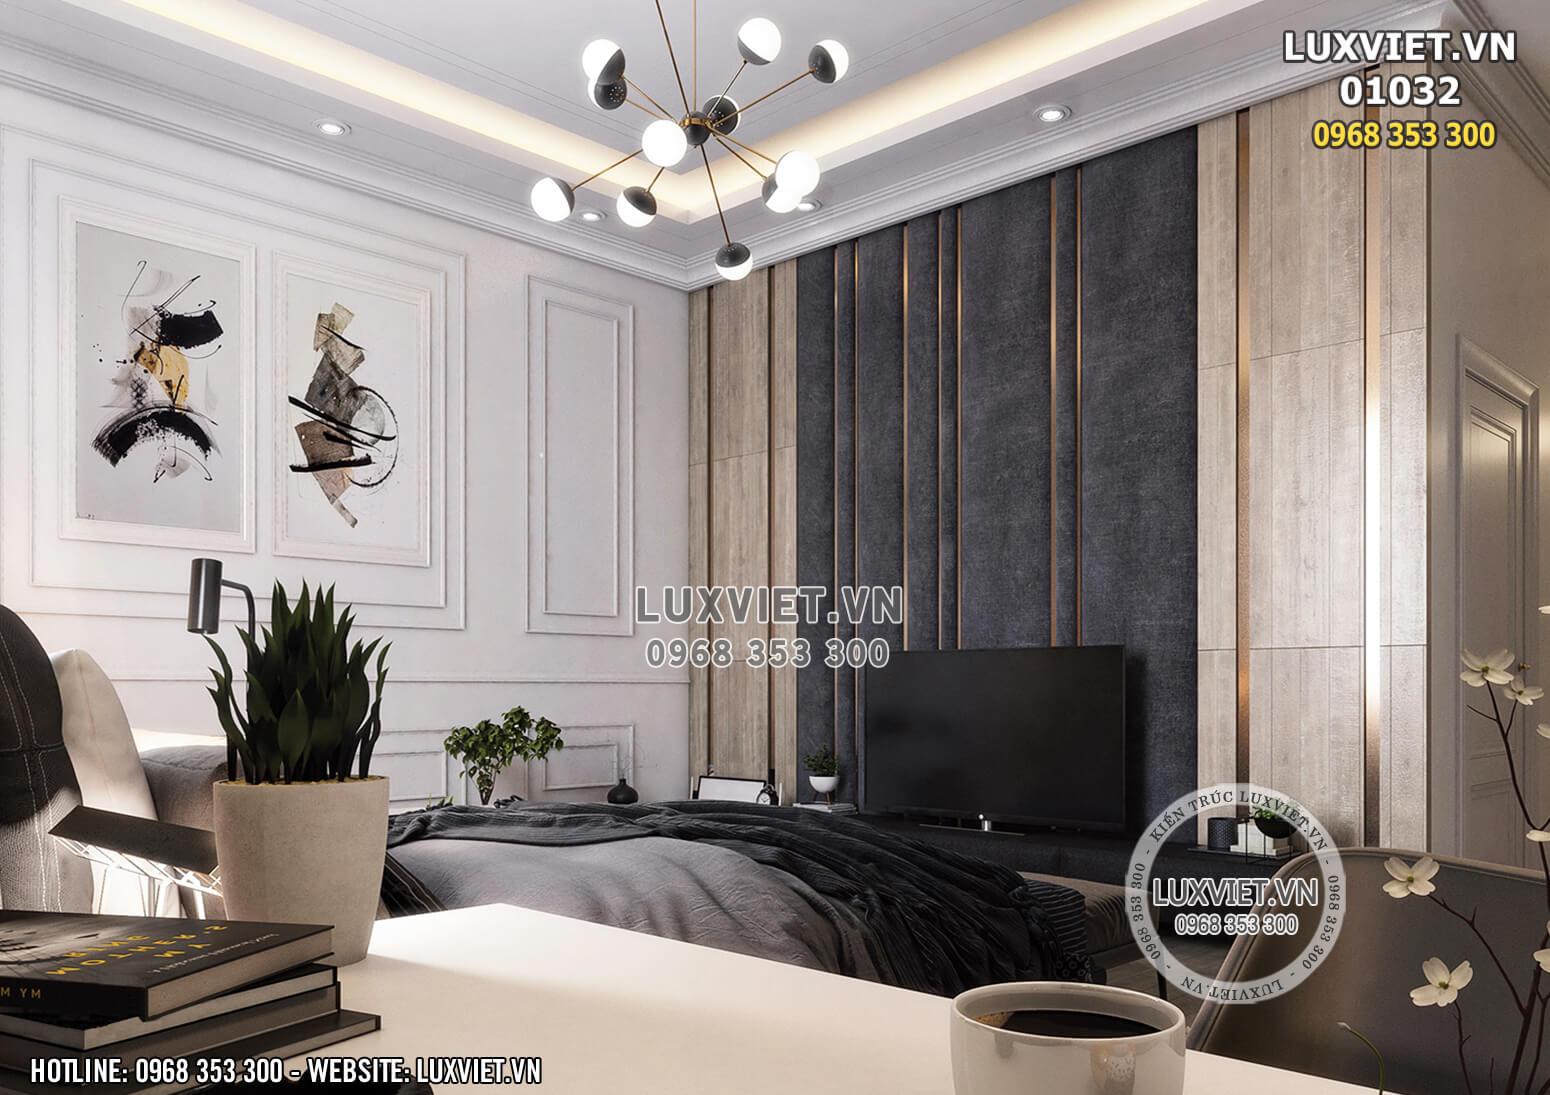 Hình ảnh: Luxury nội thất tân cổ điển - LV 01032